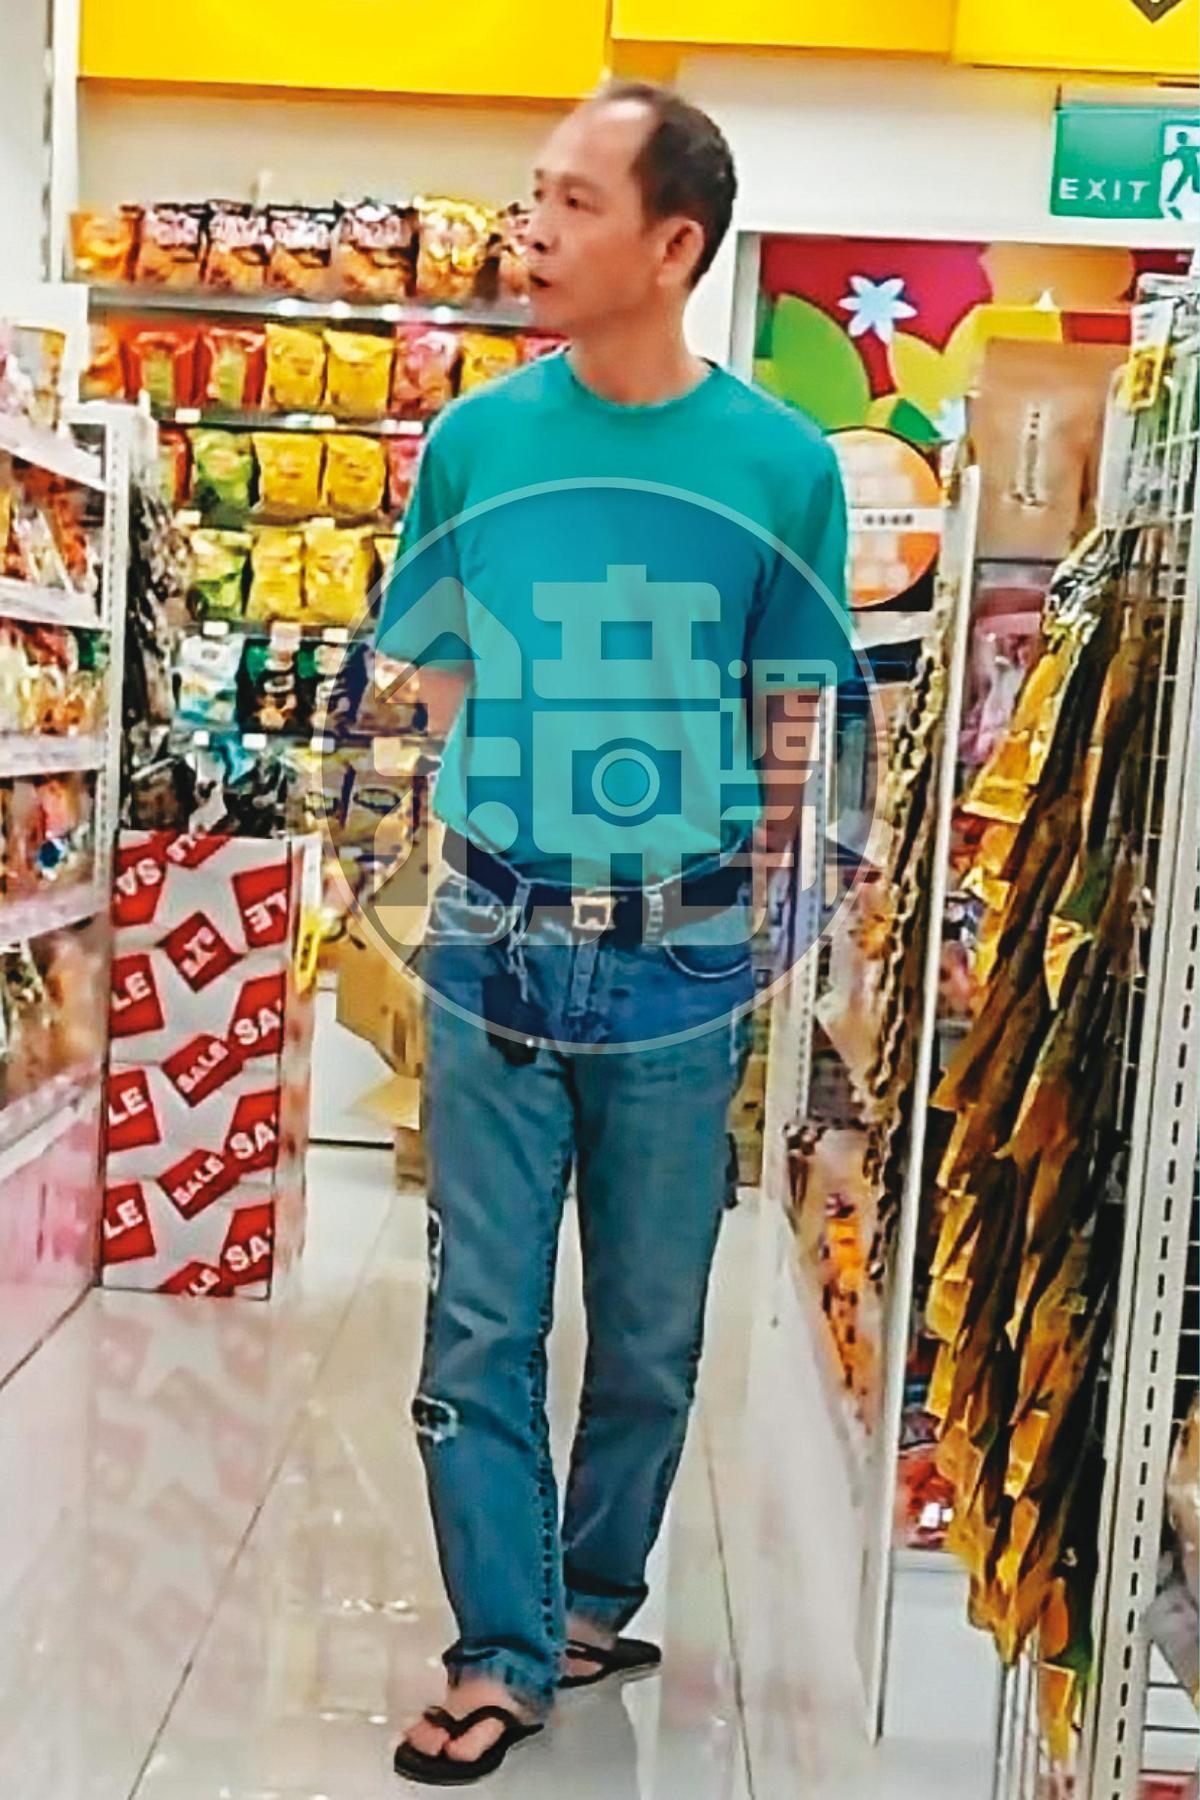 黃大彰平常愛穿T恤、牛仔褲及夾腳拖逛大賣場,與鄰家大叔沒兩樣。